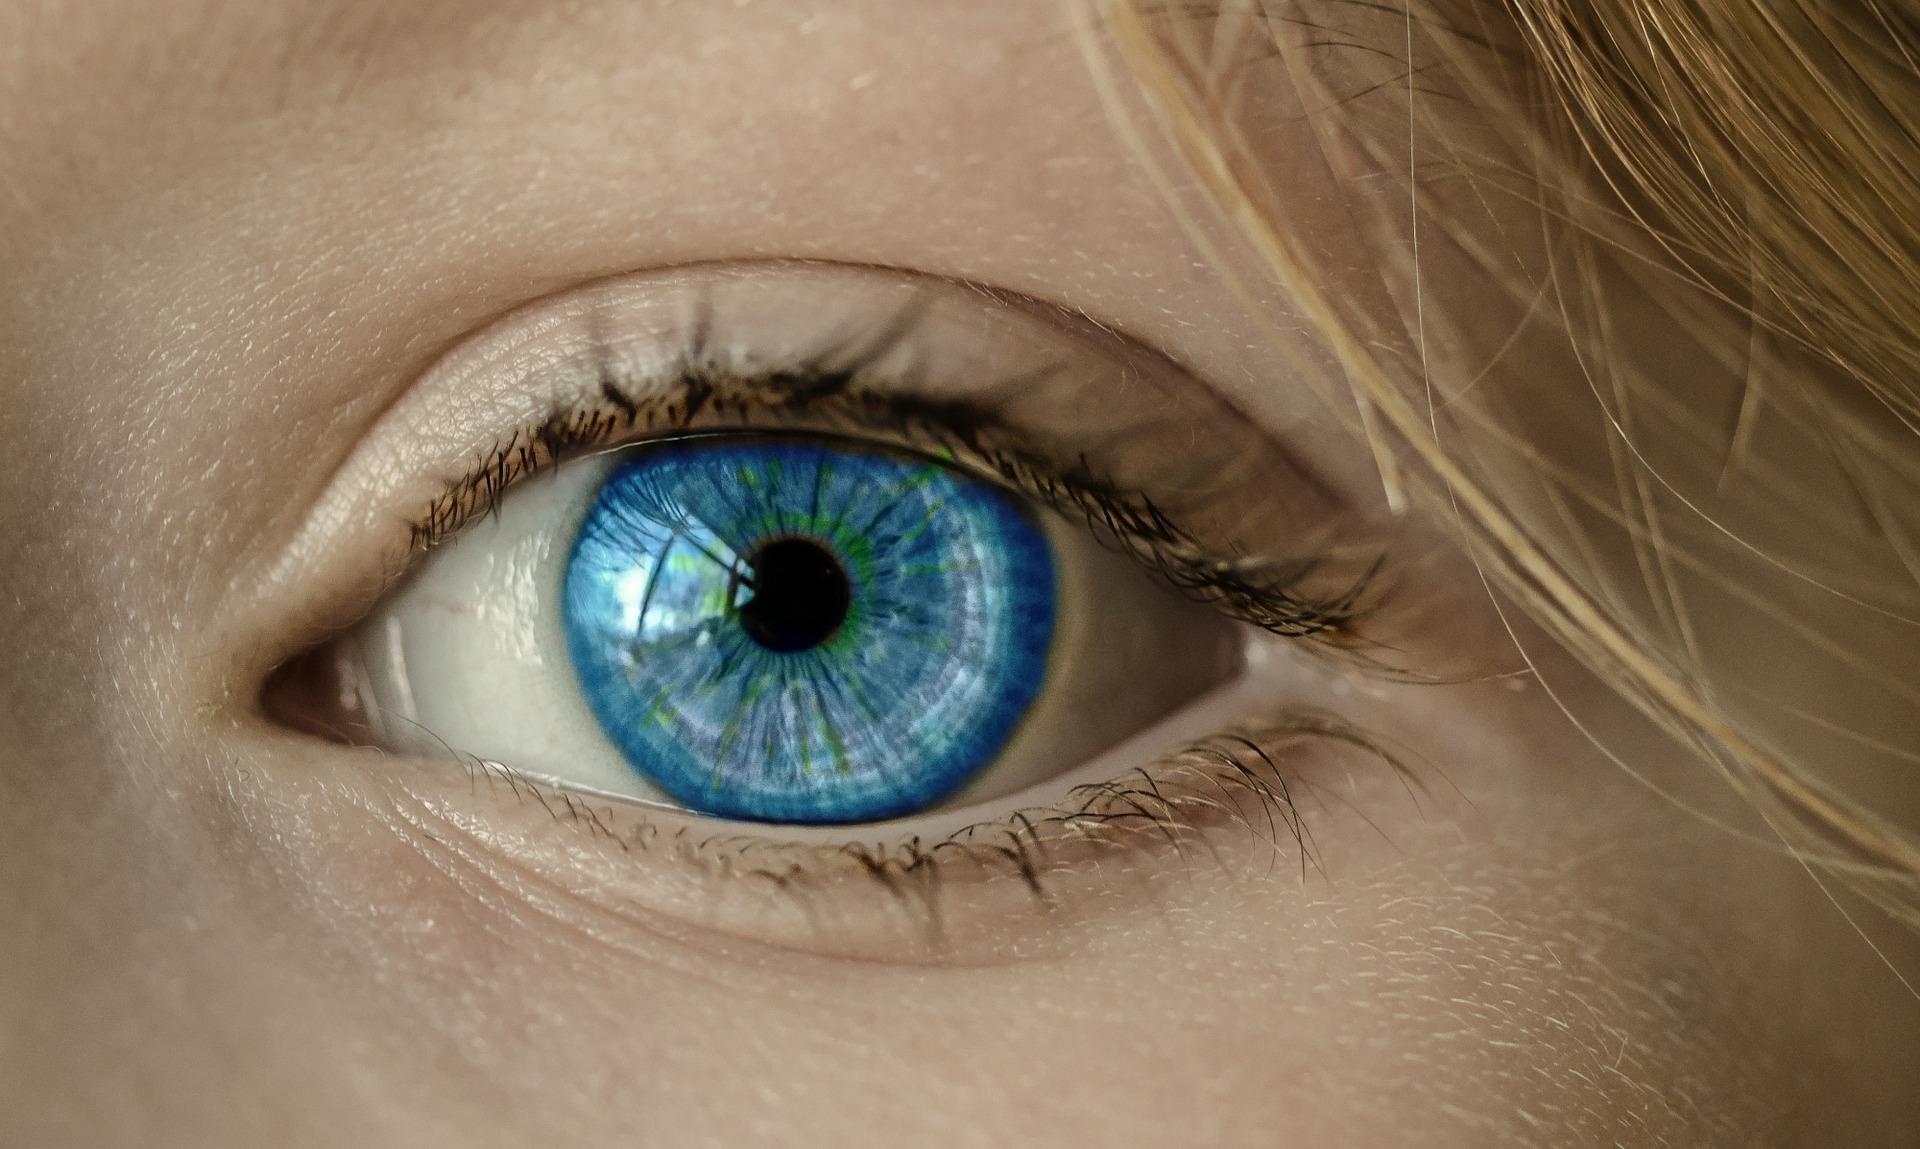 Tu stiai ca muschiul ochiului este cel mai activ din tot corpul uman? Afla si alte lucruri uimitoare despre ochiul uman